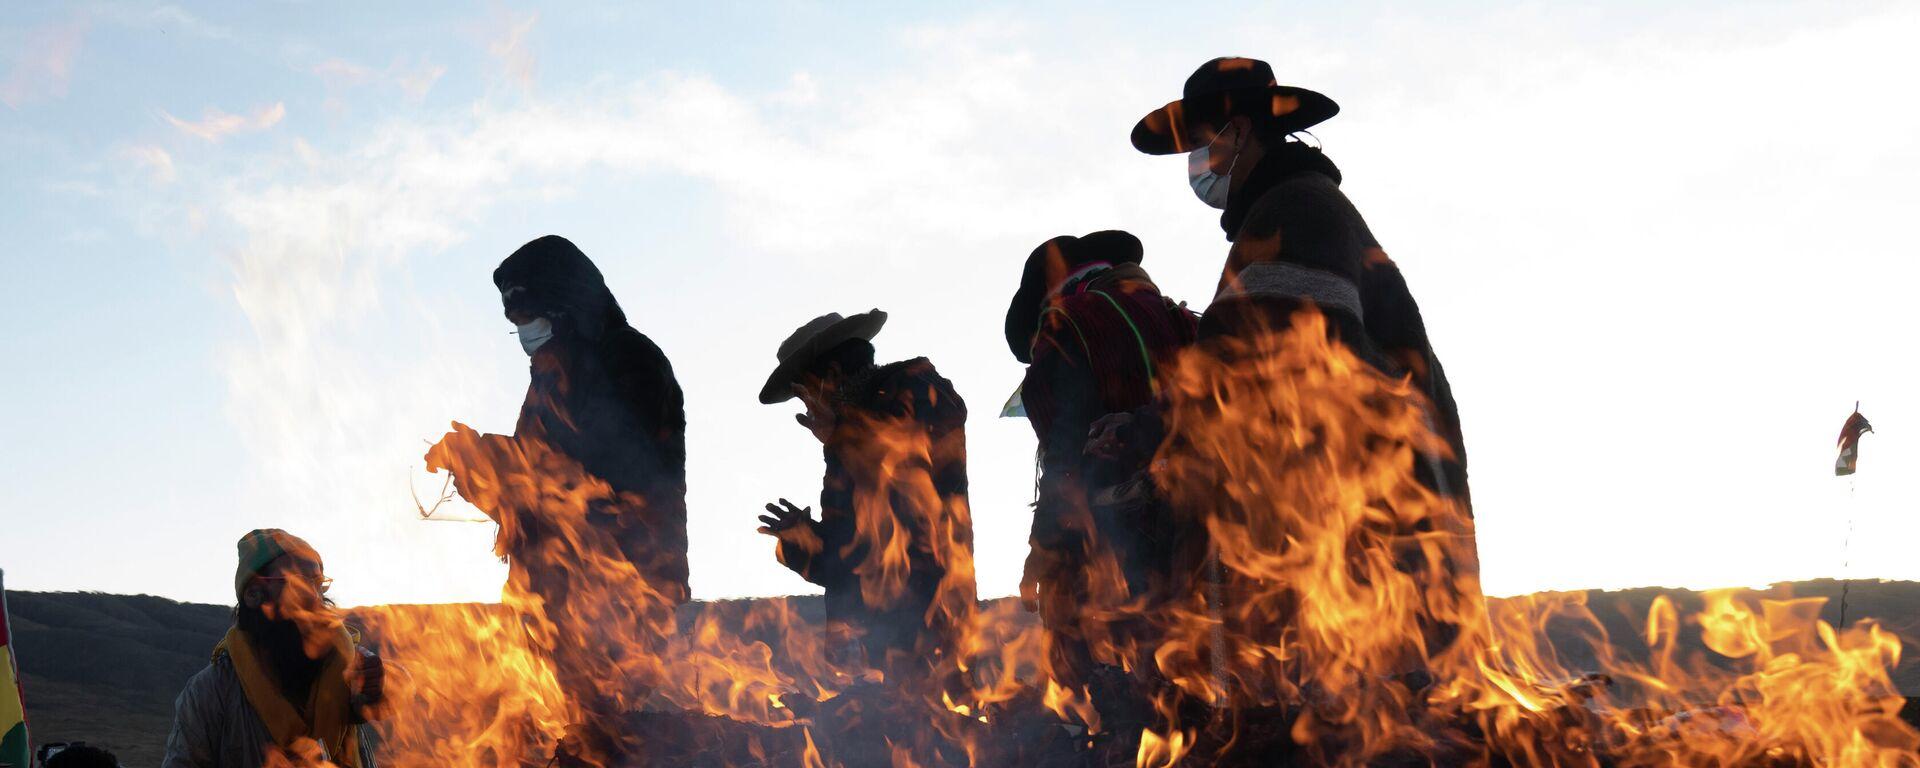 Indígenas aymara celebran el año nuevo 5.529 durante el solsticio de invierno del 21 de junio de 2021 - Sputnik Mundo, 1920, 21.06.2021